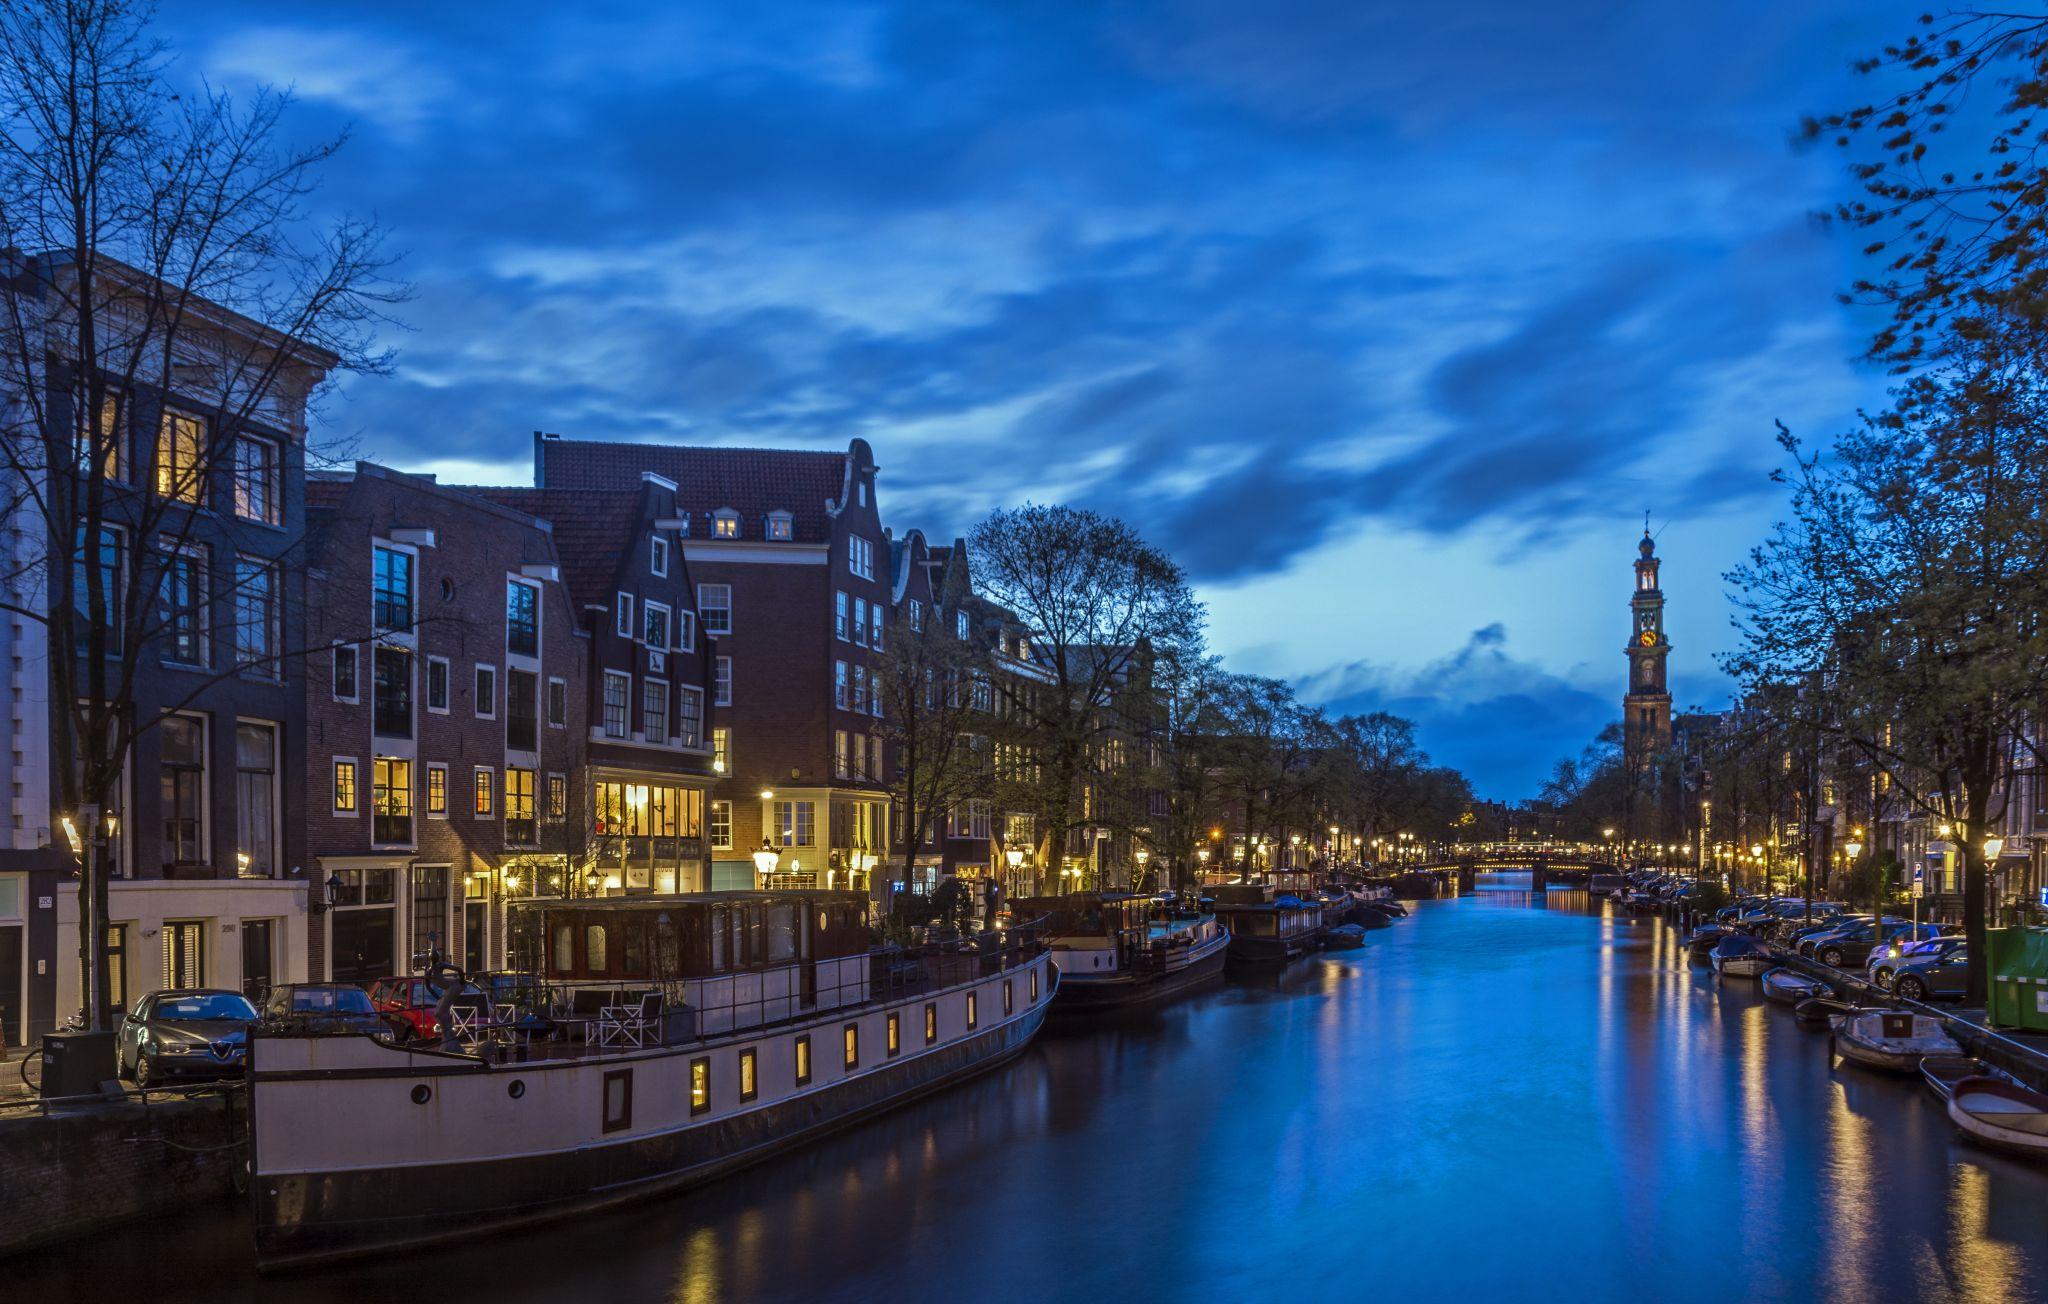 The Westerkerk in Amsterdam, Netherlands